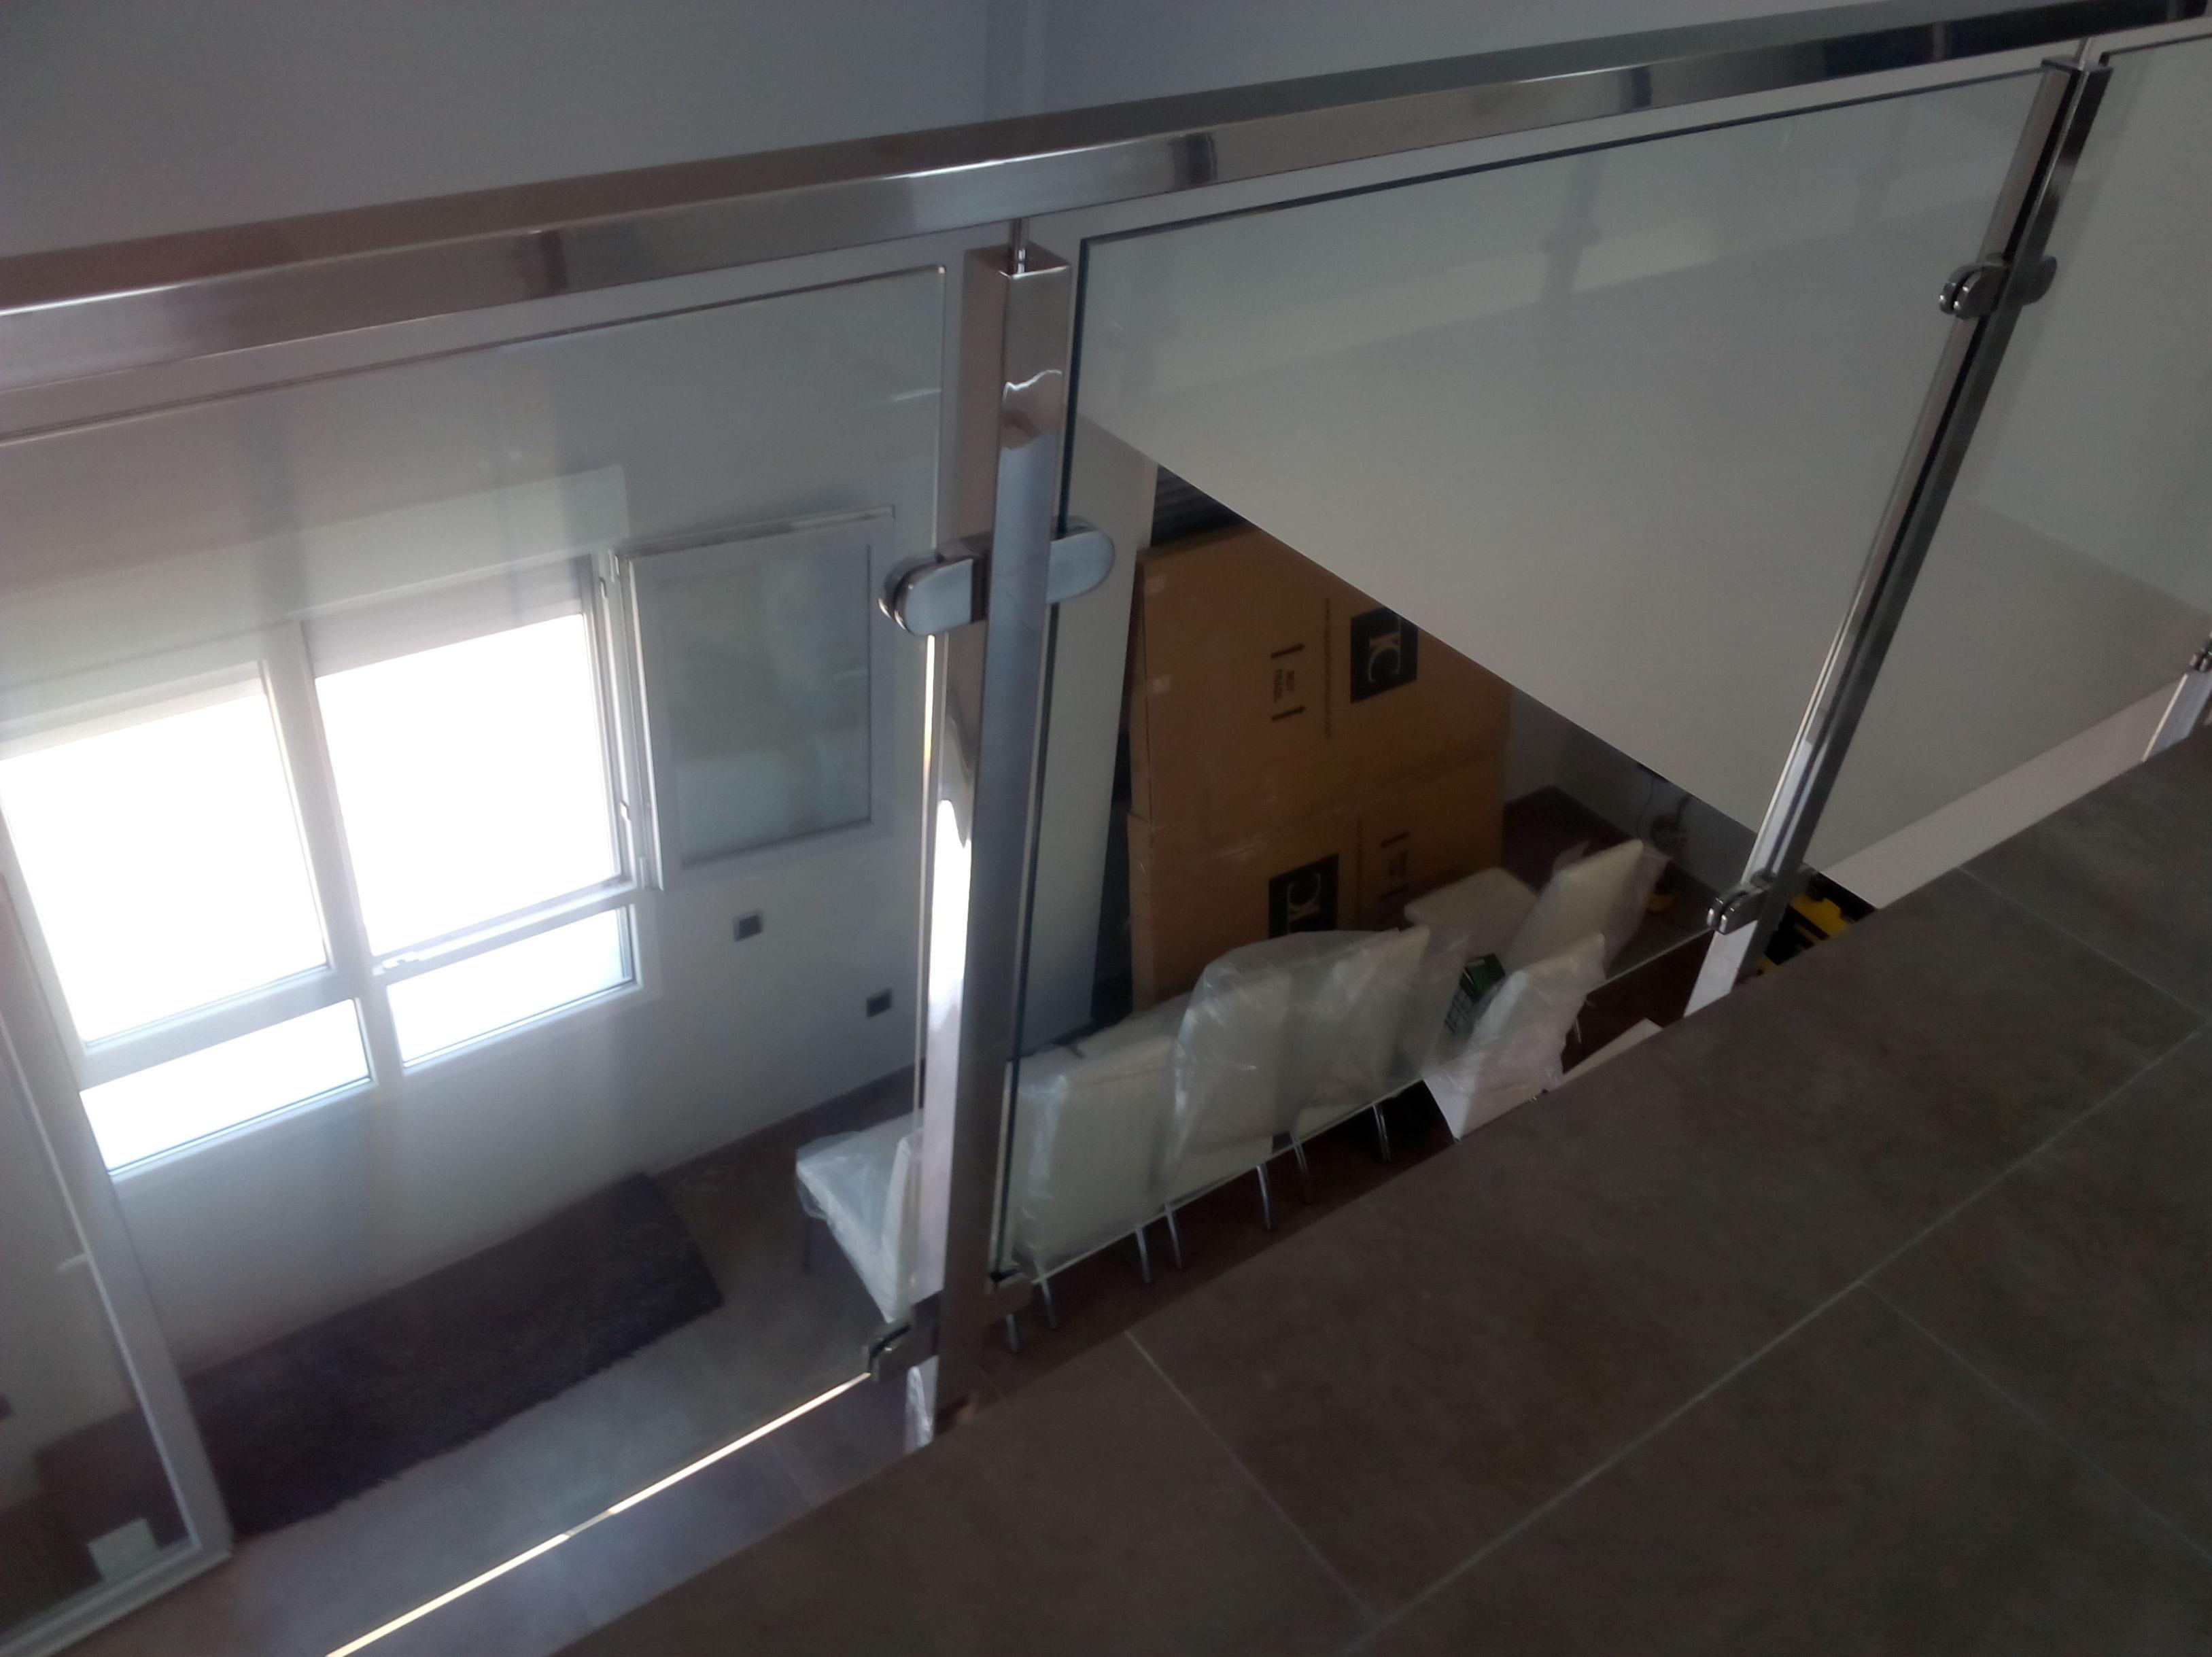 Barandilla de acero inoxidable vidrio transparente